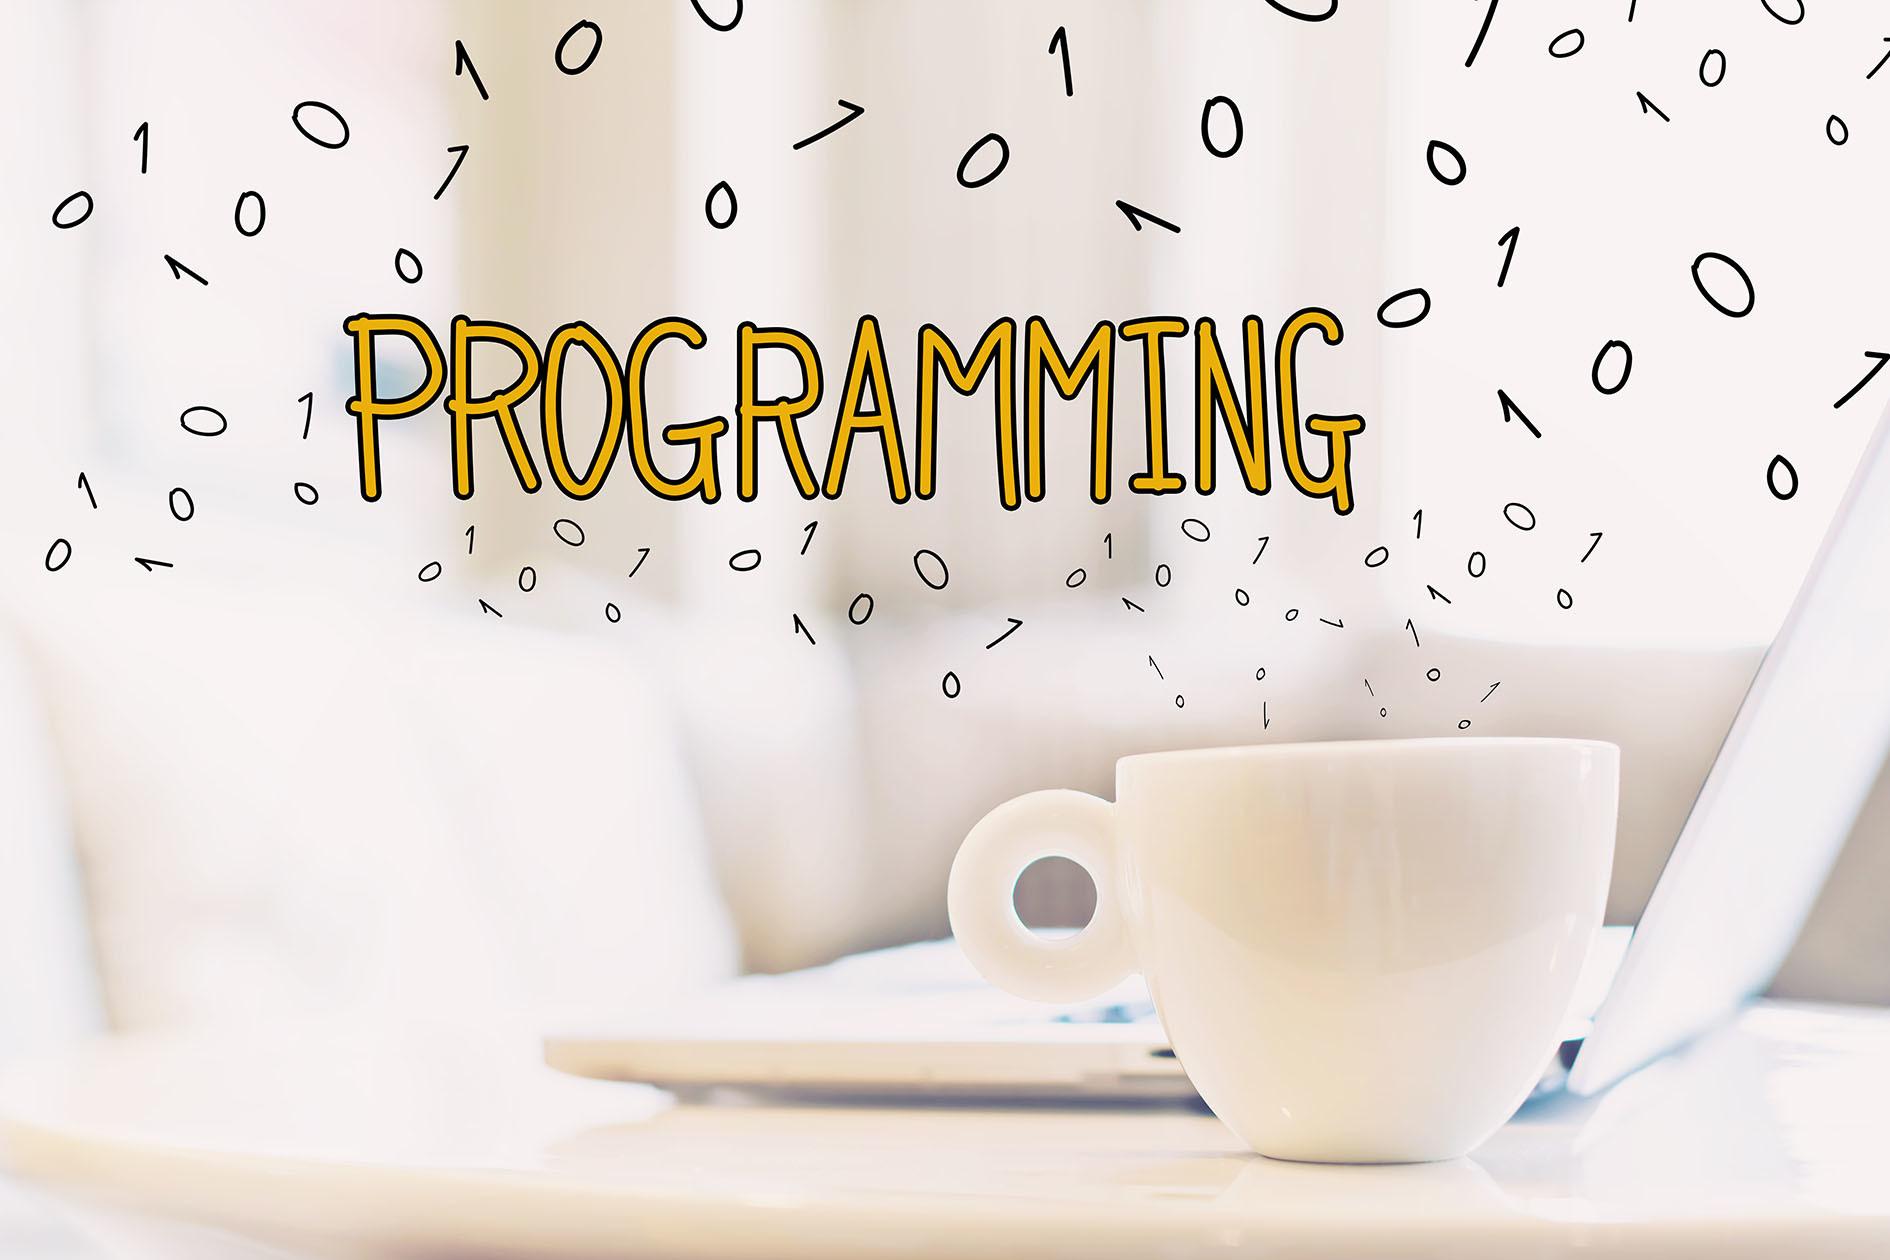 プログラミングとは何か? を徹底的にわかりやすく解説してみた